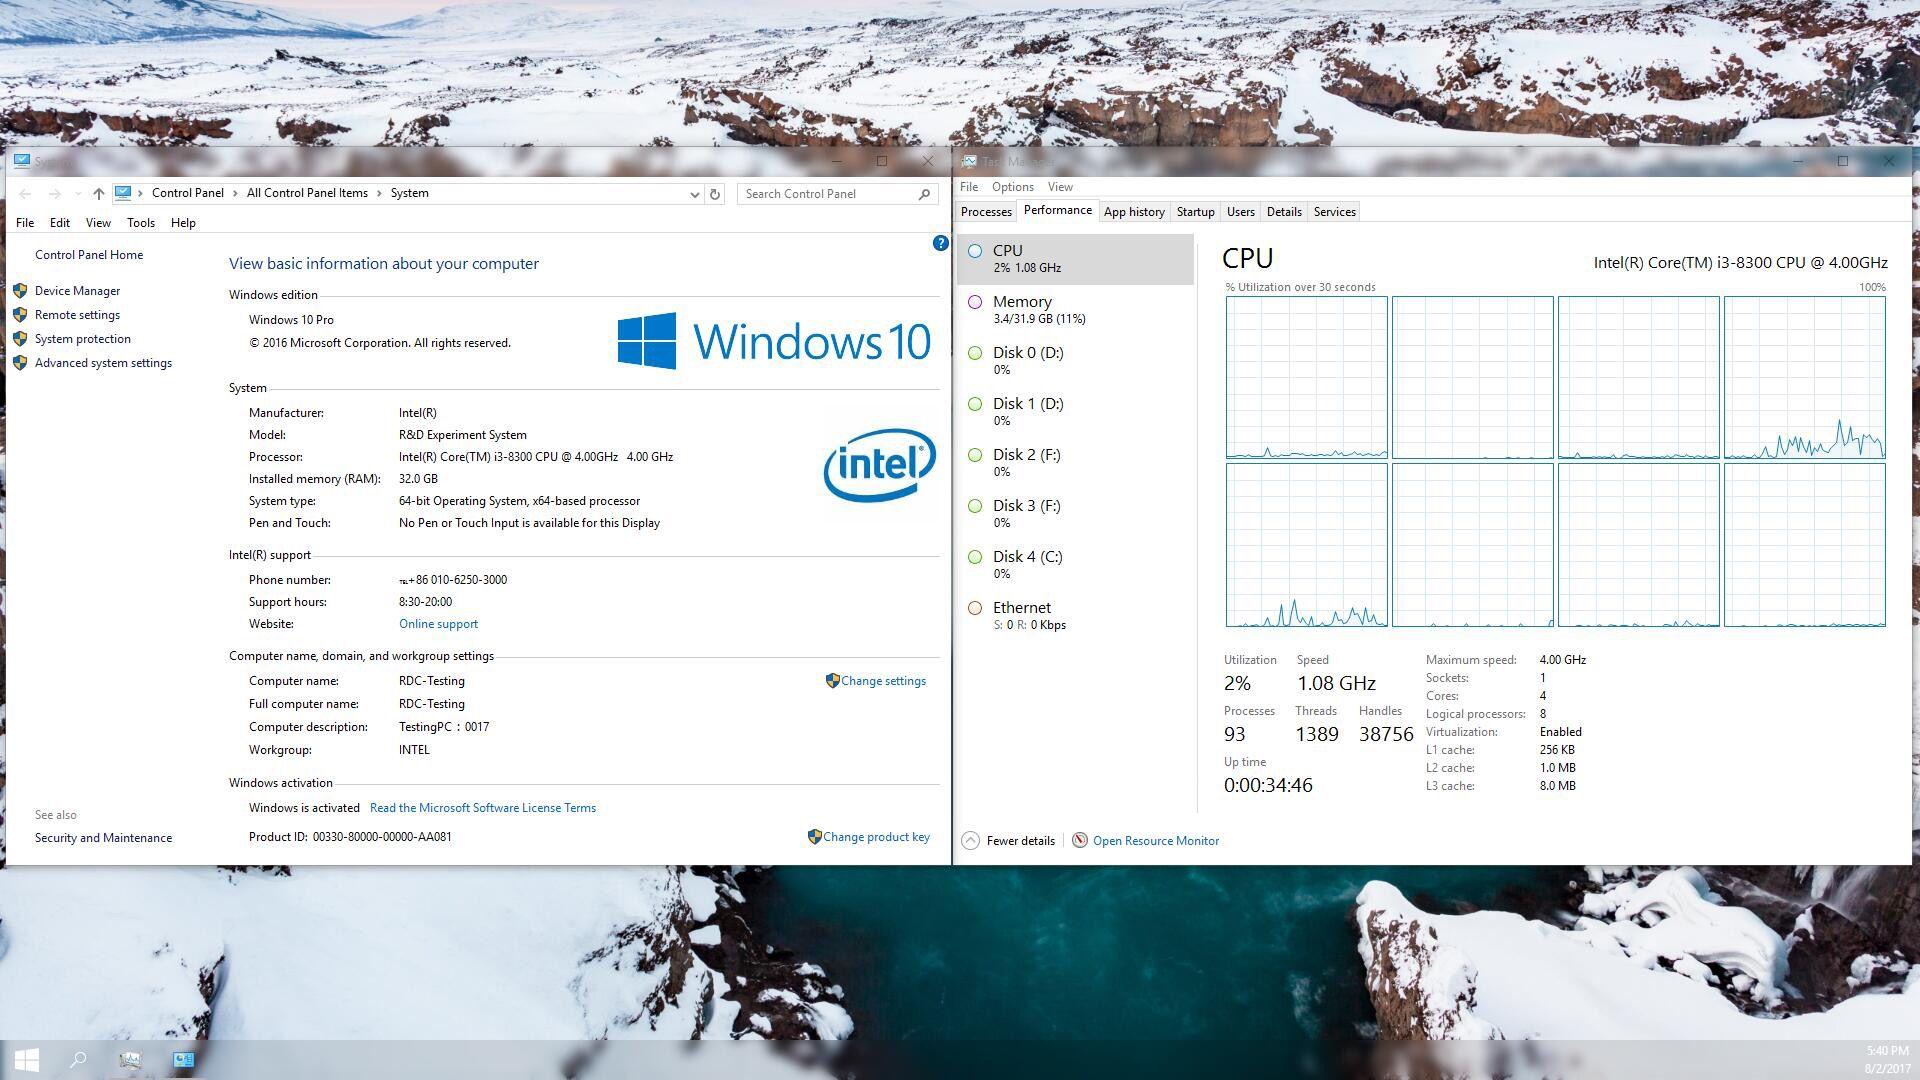 RUMOR: Intel Coffee Lake Core i3-8300 Processor will get